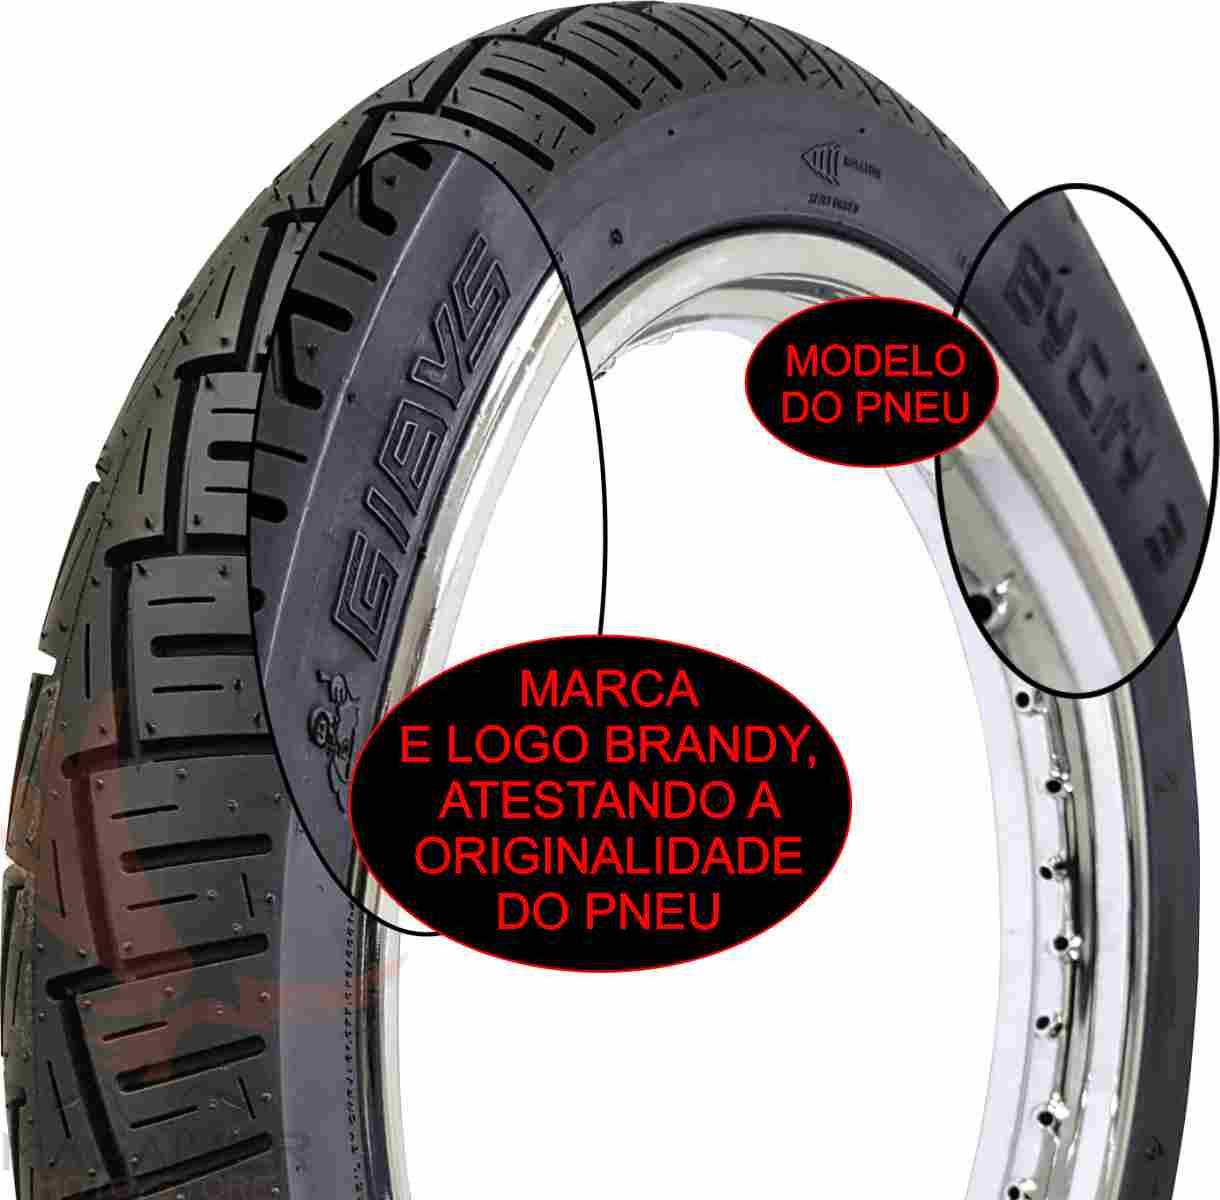 COMBO PNEU TRASEIRO GIBYS 80/100-14 49L + CÂMARA DE AR RODA ARO 14 MOTO BIZ C100 110 125 POP 100